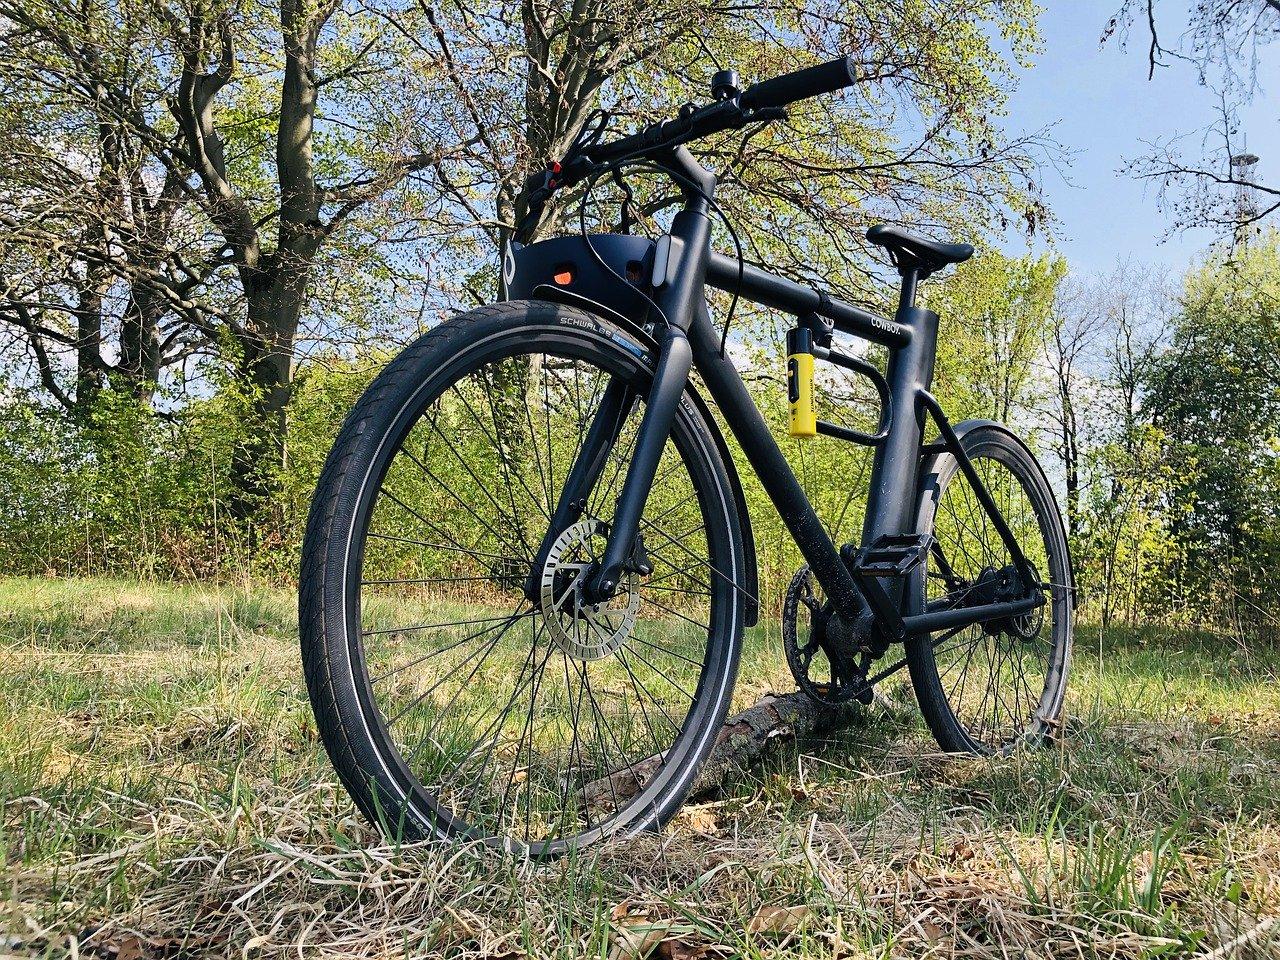 Vélo électrique Noir posé dans une forêt